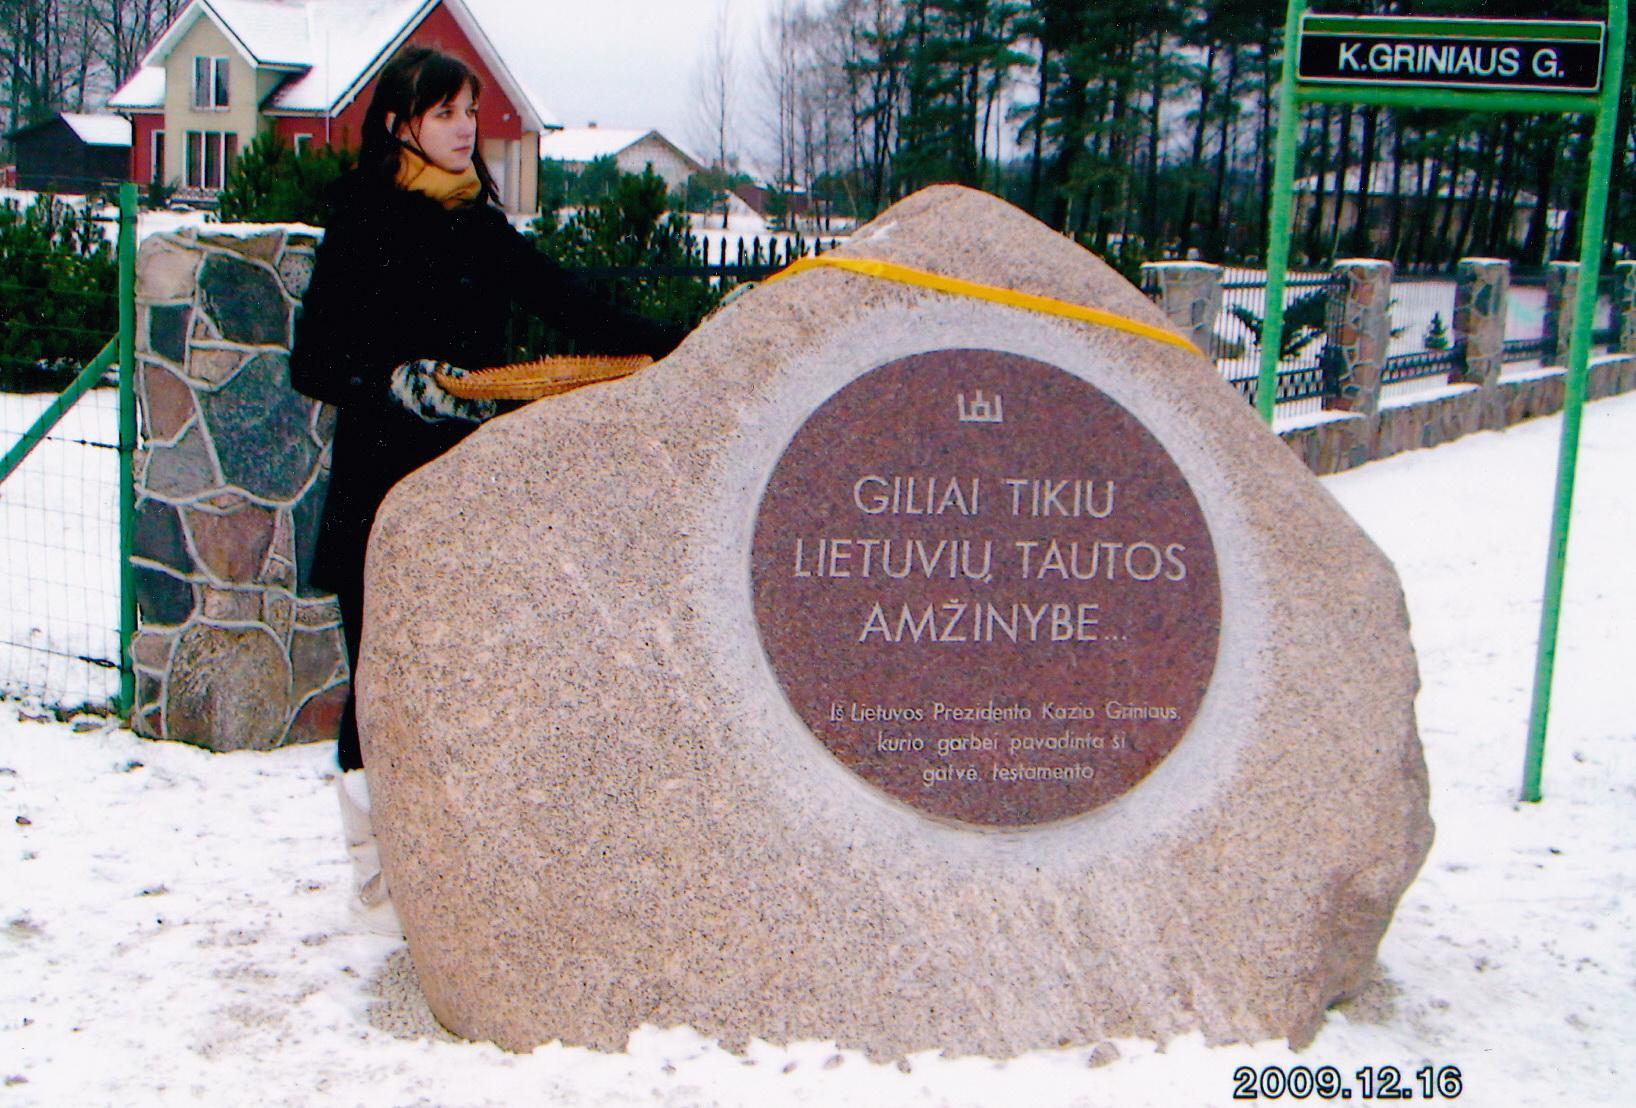 2009 m. gruodžio 18 d. Pagryniuose, K. Griniaus gatvės pradžioje, Prezidento K. Griniaus garbei buvo atidengta paminklinis akmuo.